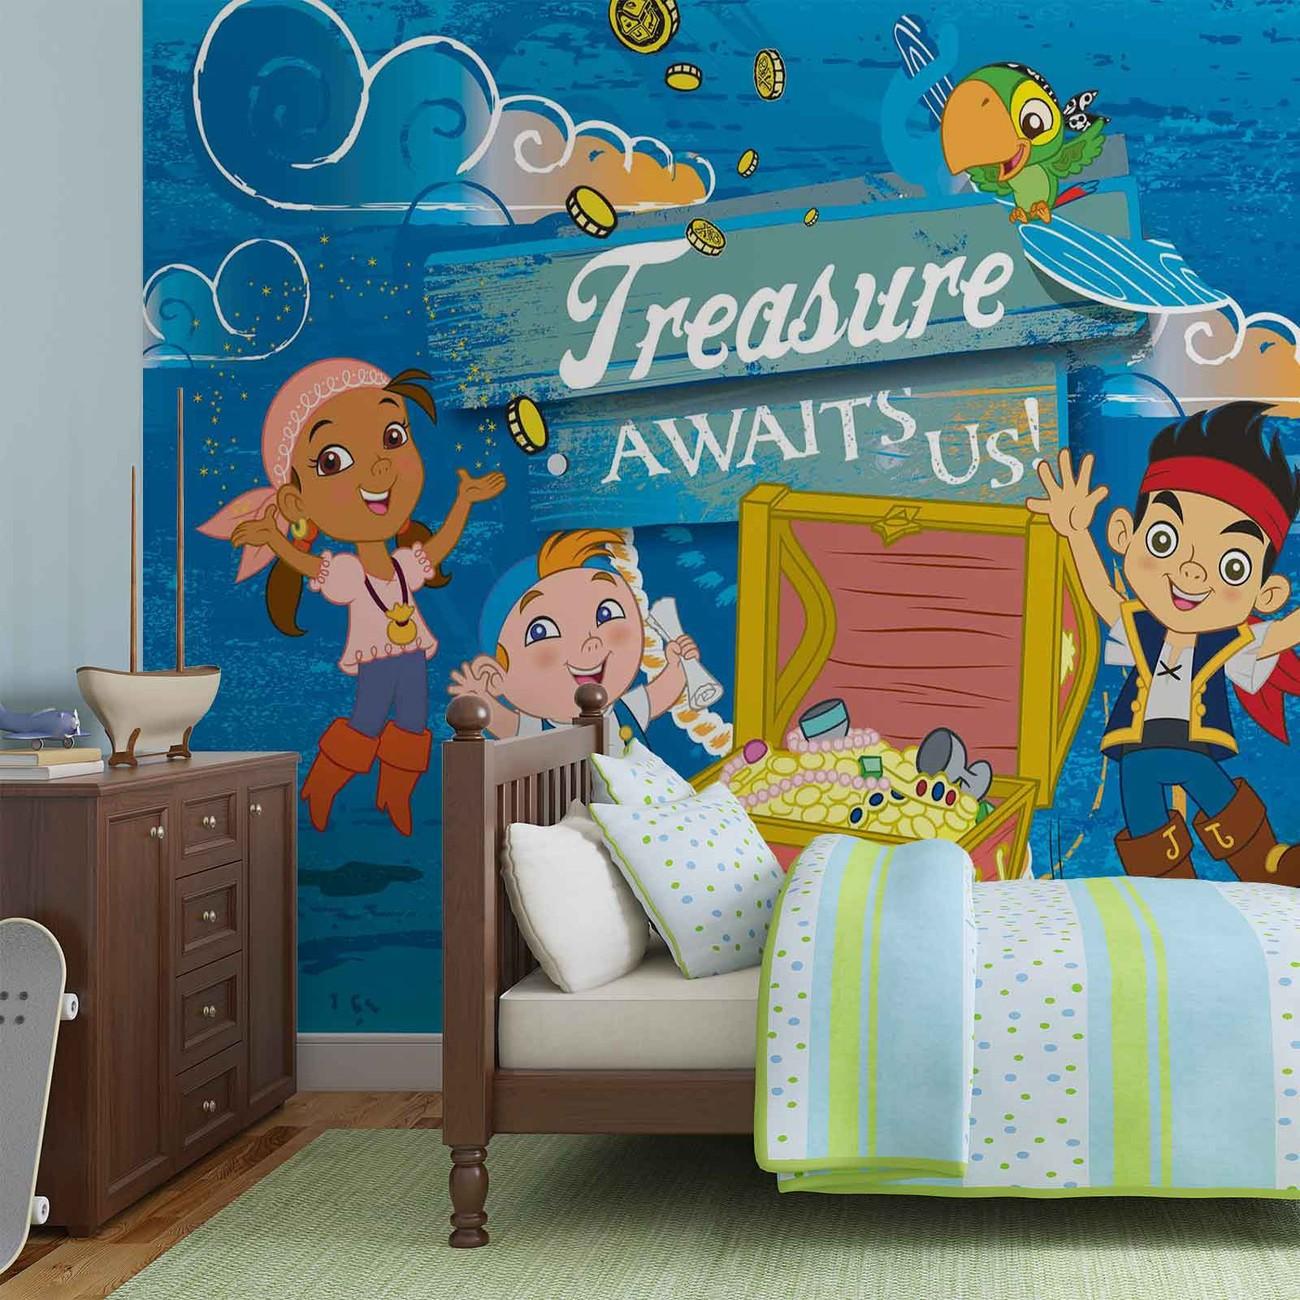 disney jake pays imaginaire pirates poster mural papier peint acheter le sur. Black Bedroom Furniture Sets. Home Design Ideas